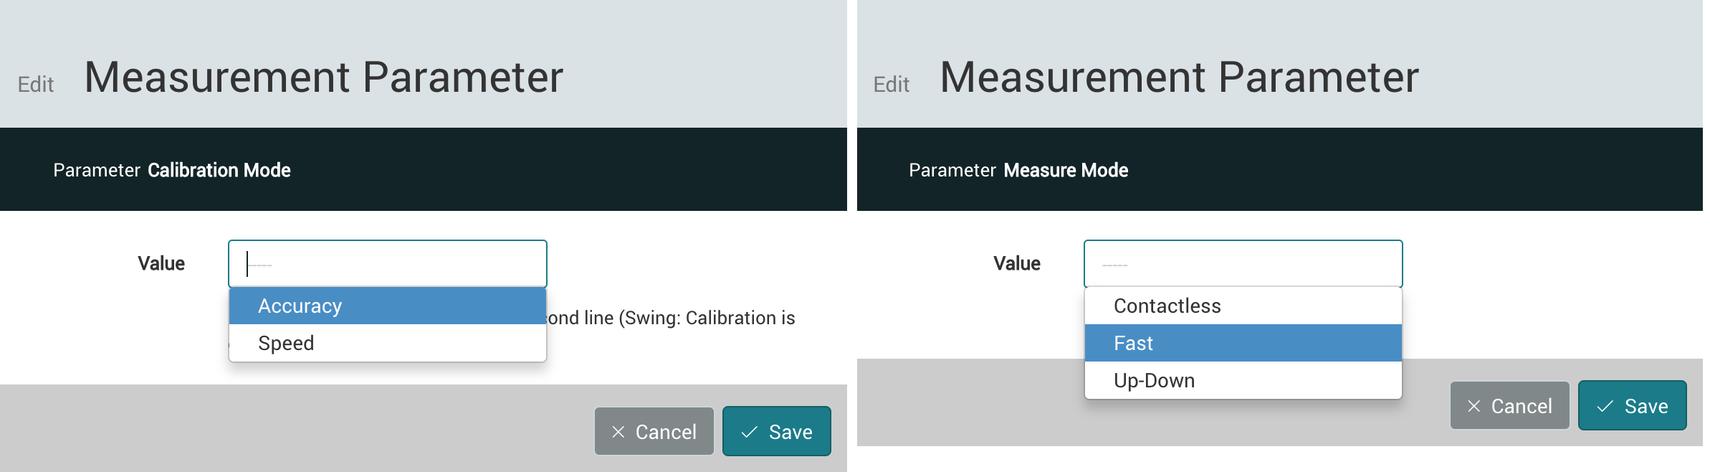 Measurement Parameters